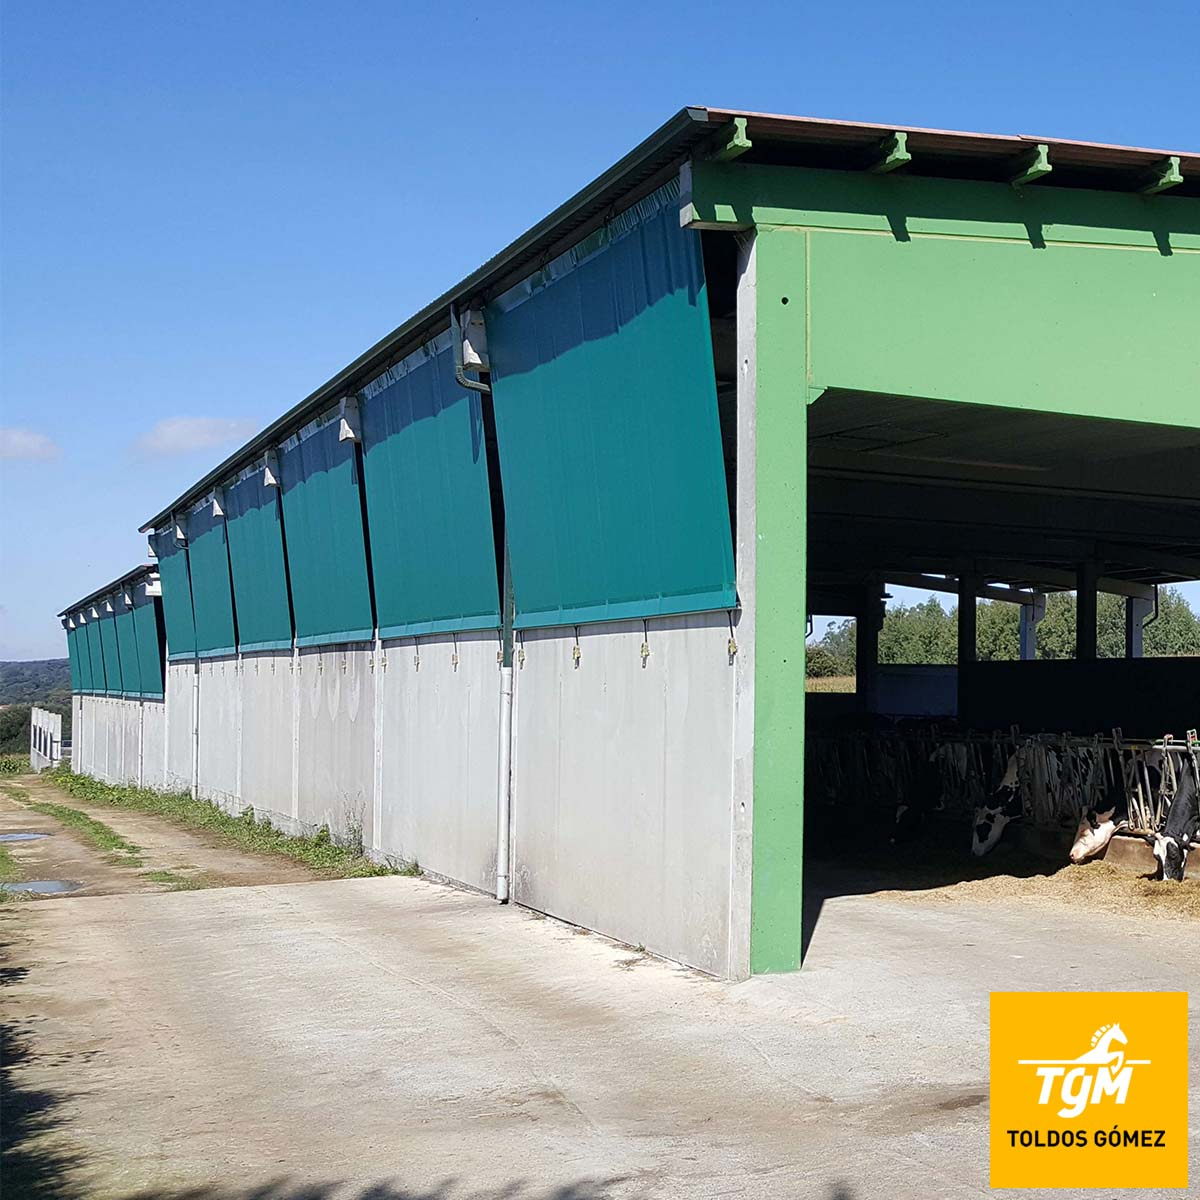 Conoce nuestros textiles técnicos y protege tus instalaciones agrícolas o ganaderas.